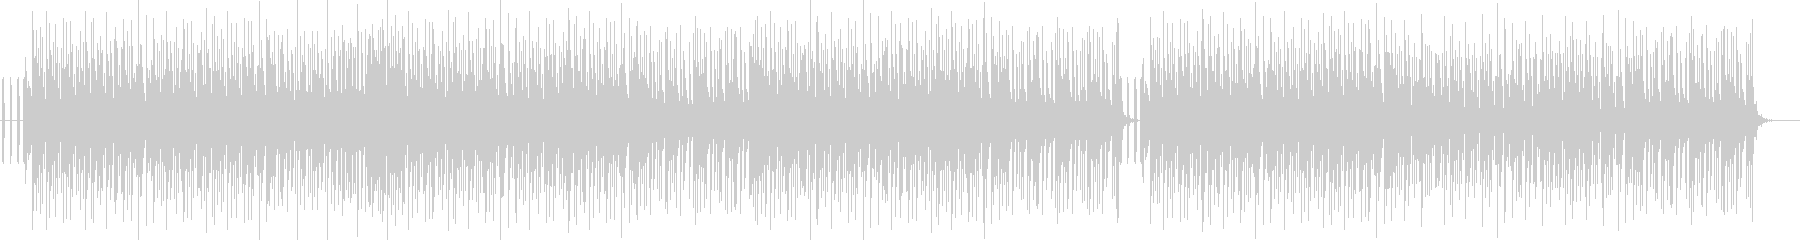 明るい感じのヒップホップ系の曲の未再生の波形